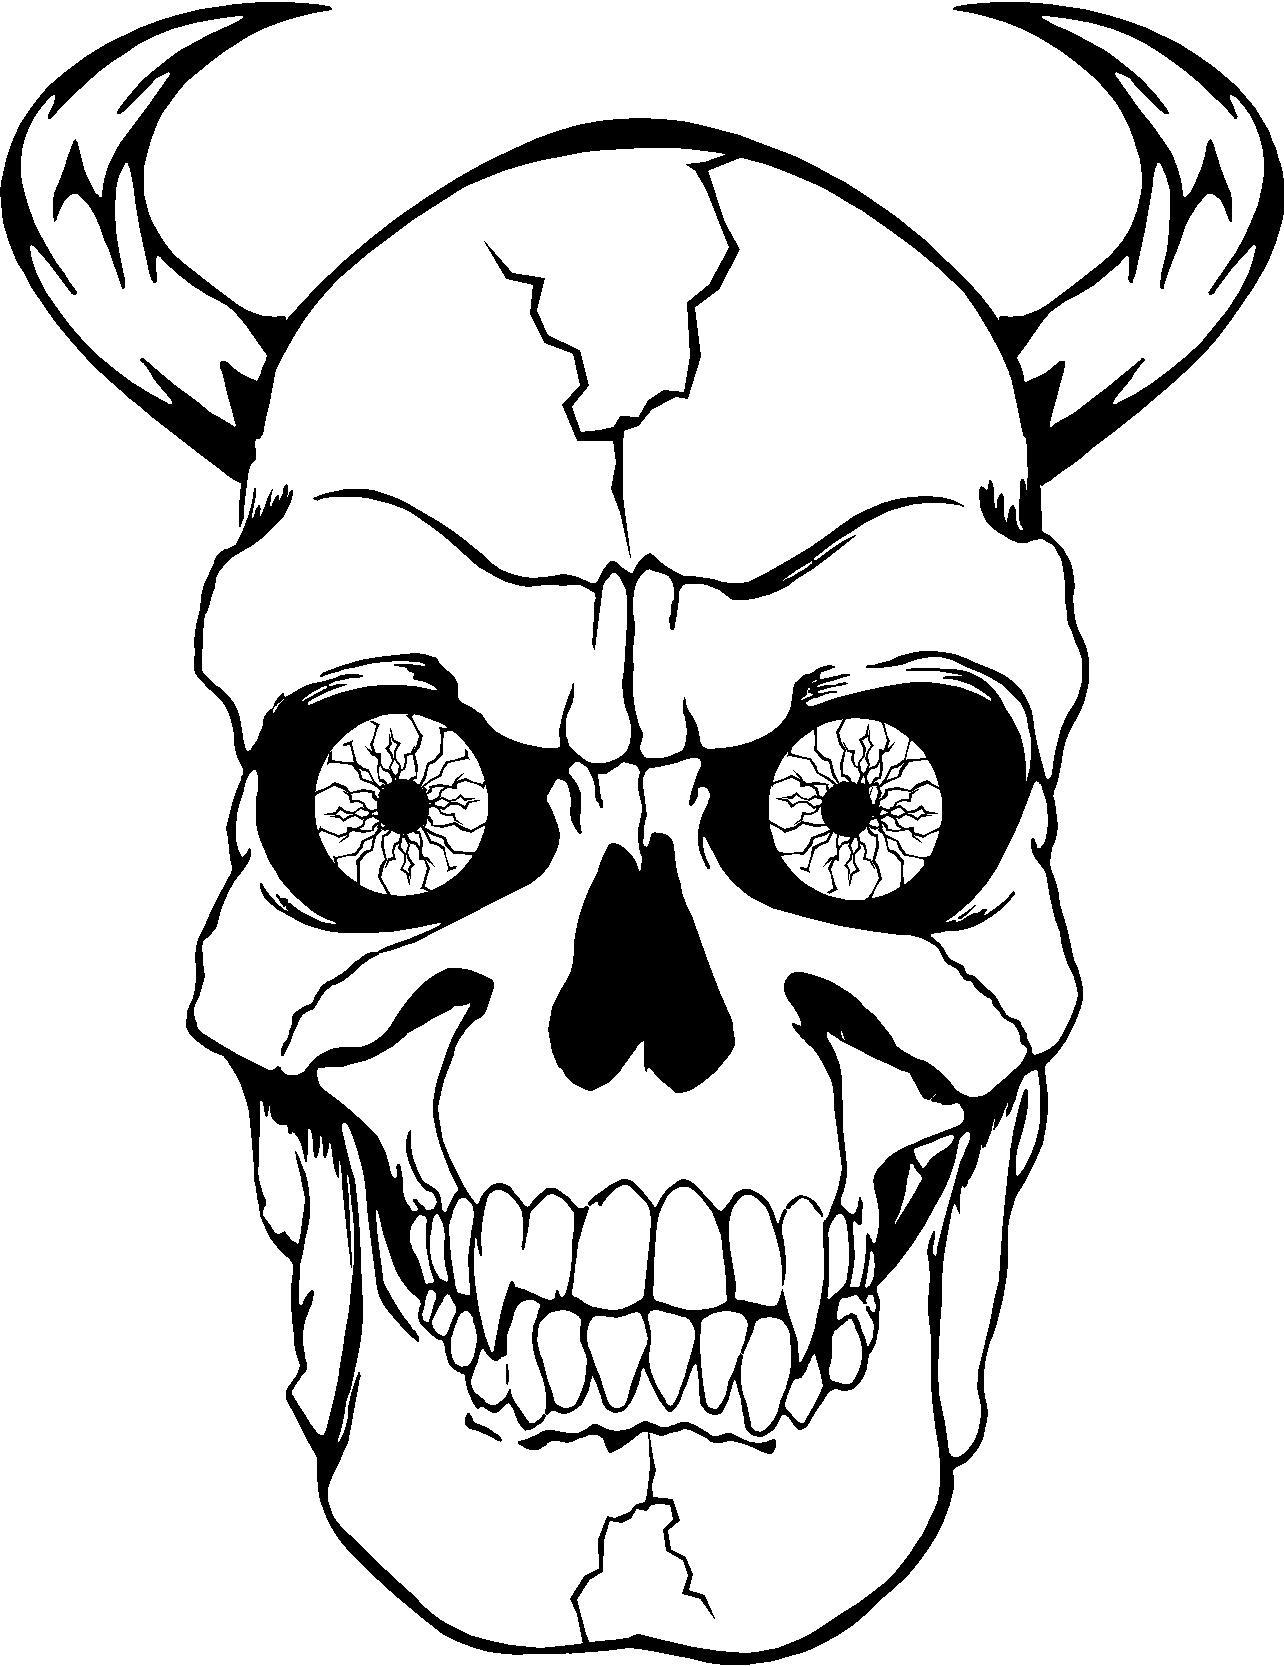 Halloween Ausmalbilder Totenkopf : Fantastisch Dracula Malvorlagen Bilder Entry Level Resume Vorlagen